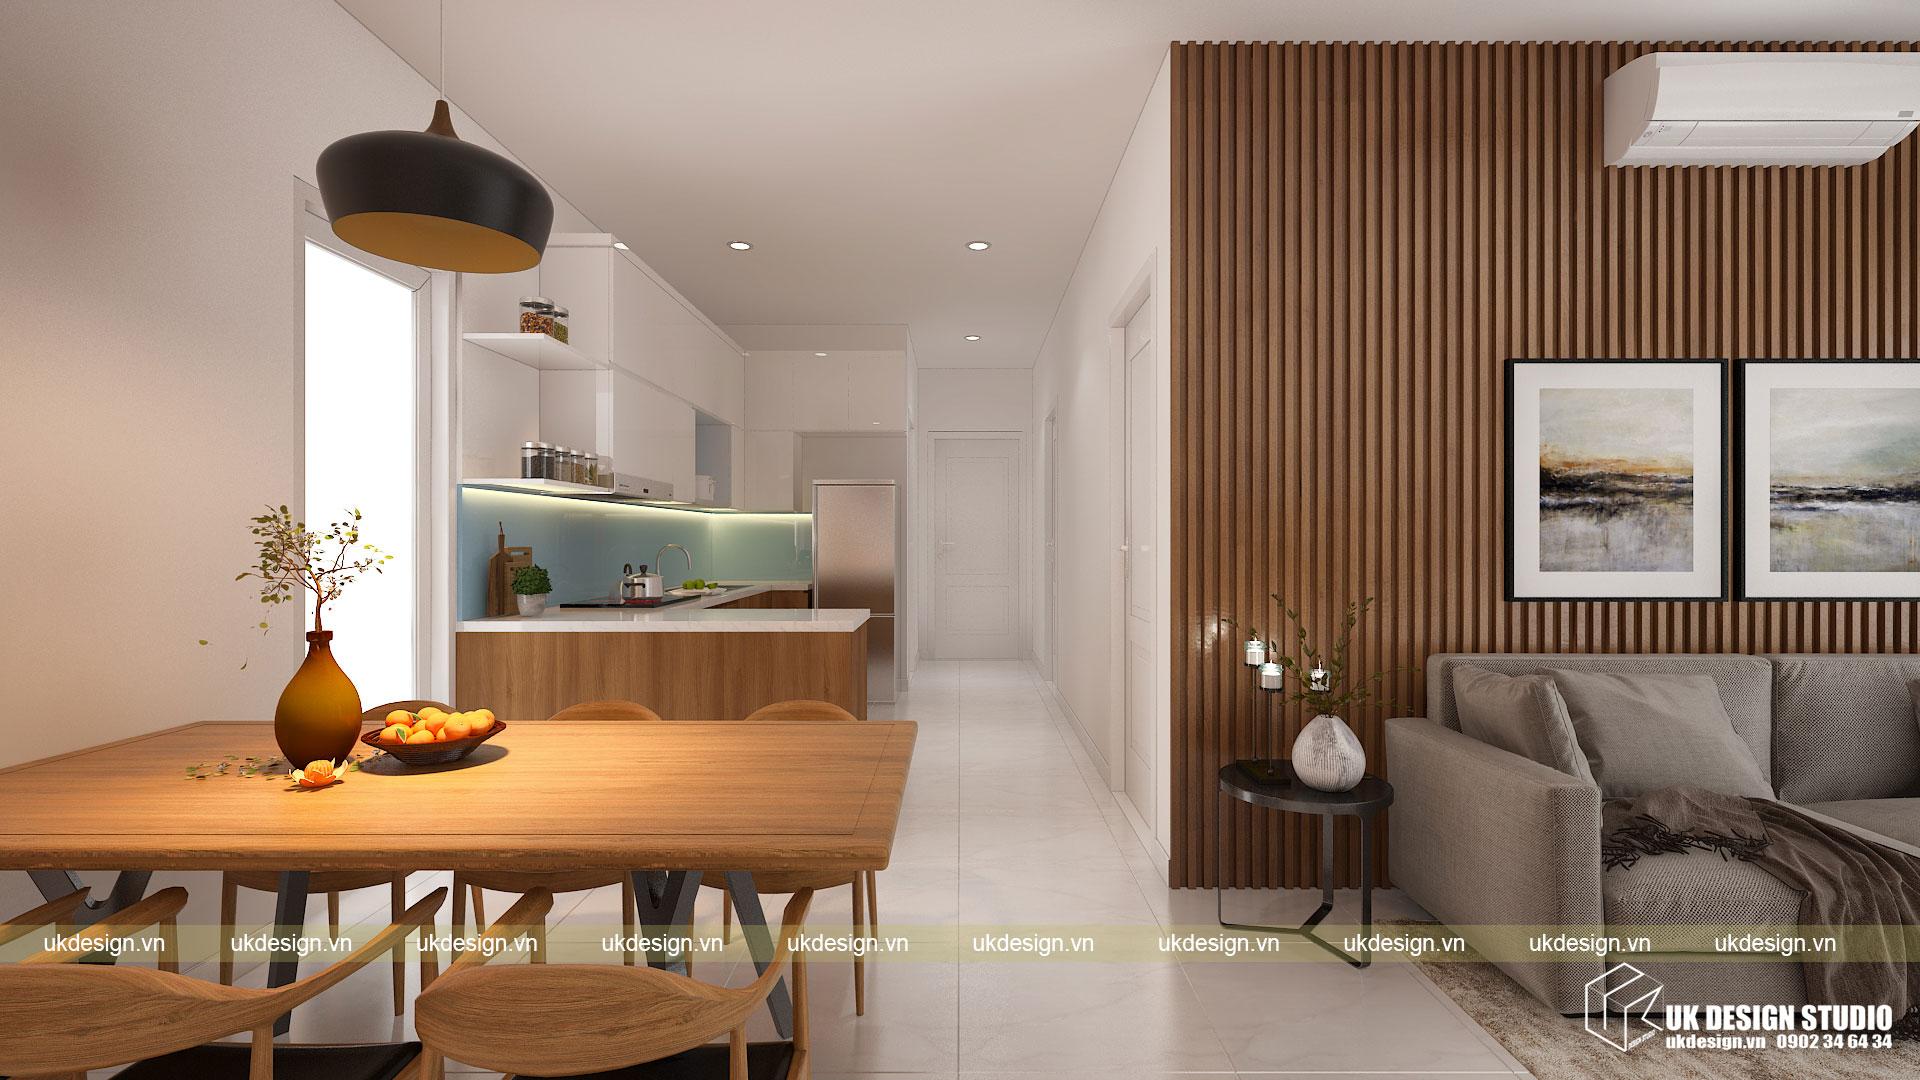 Thiết kế nội thất căn hộ 60m2 Hưng Lộc Phát 3